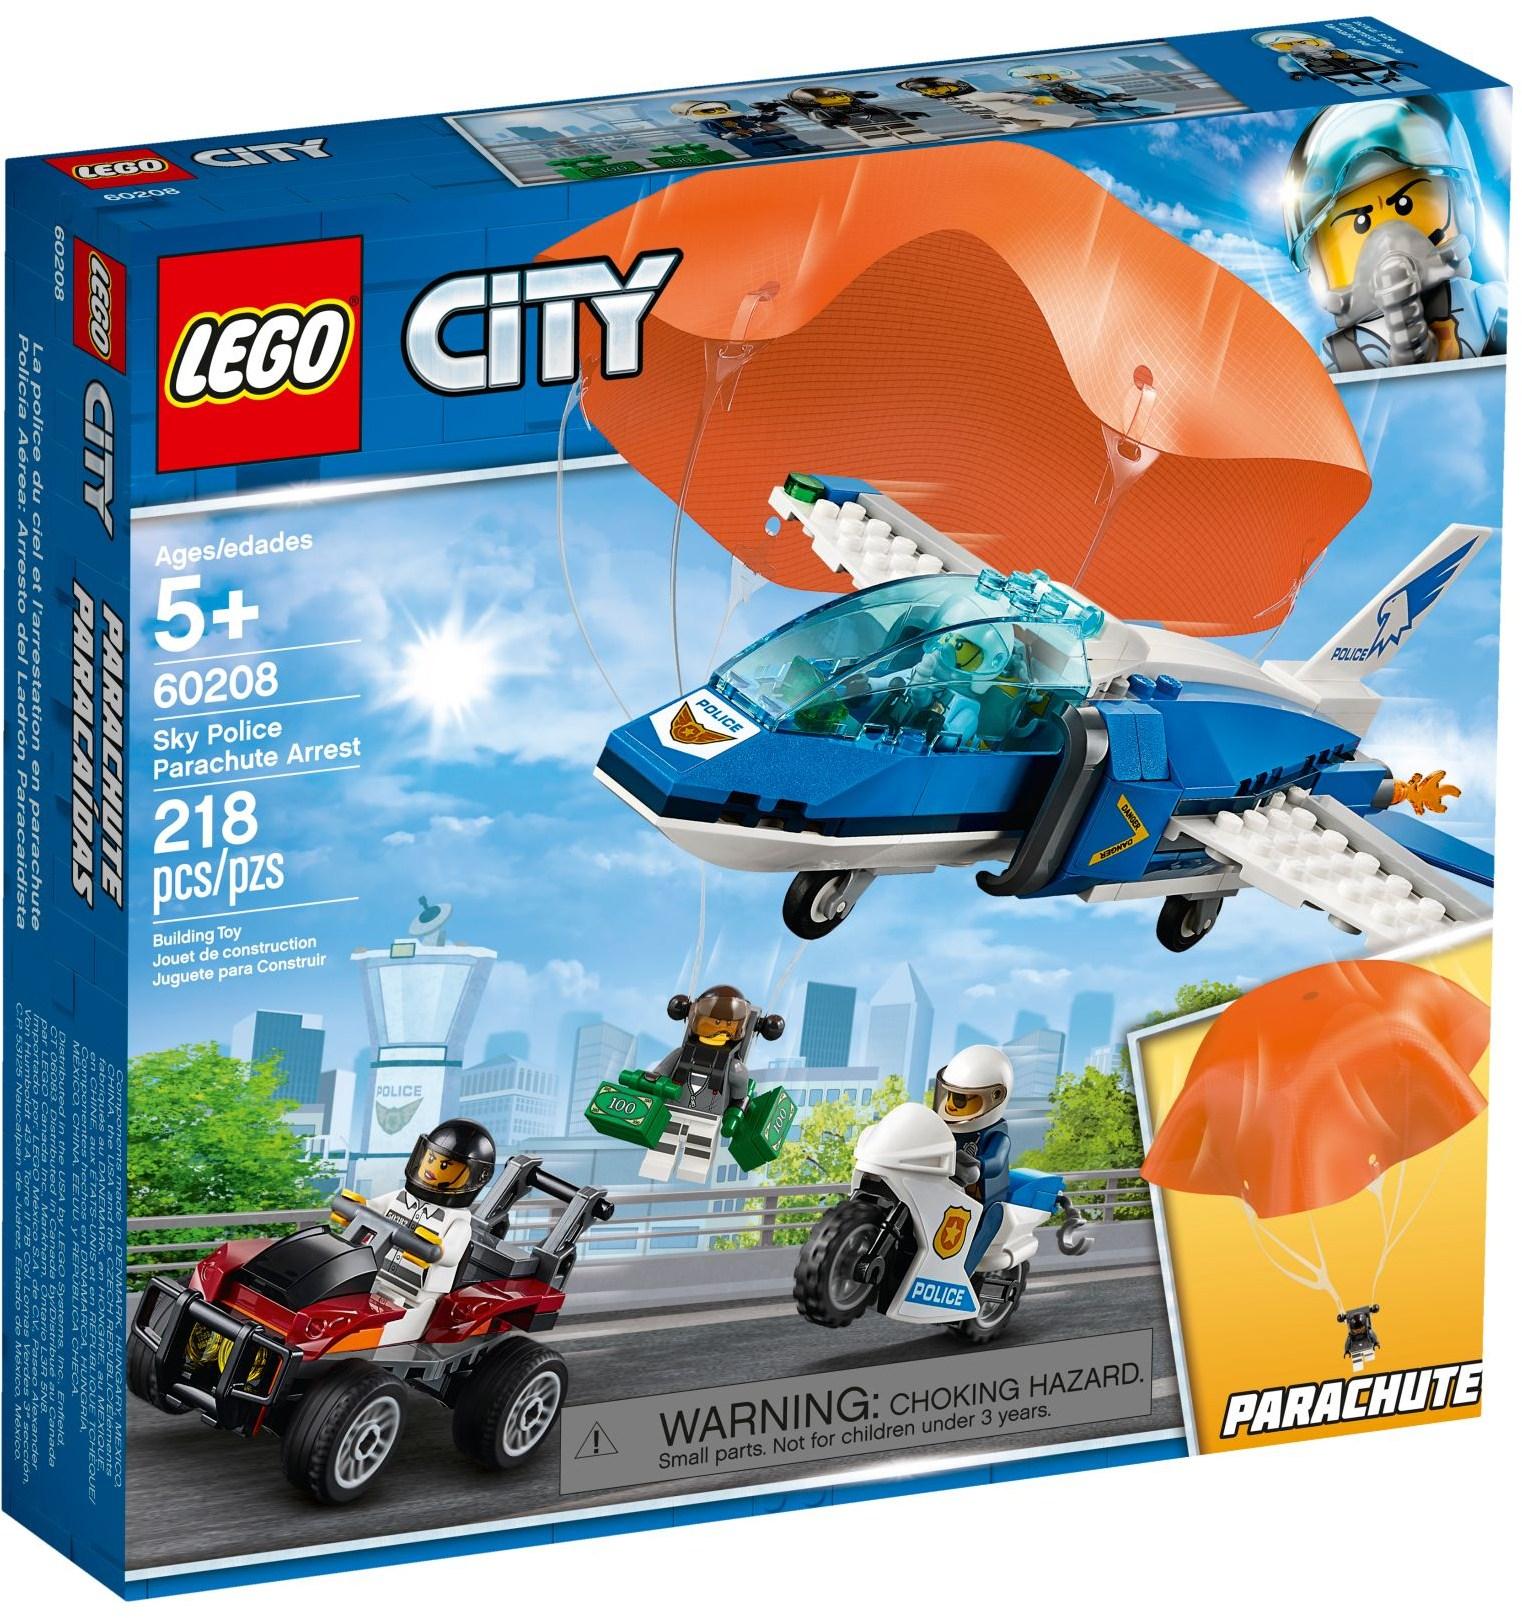 LEGO SKY POLICE PARACHUTE ARREST - 60208